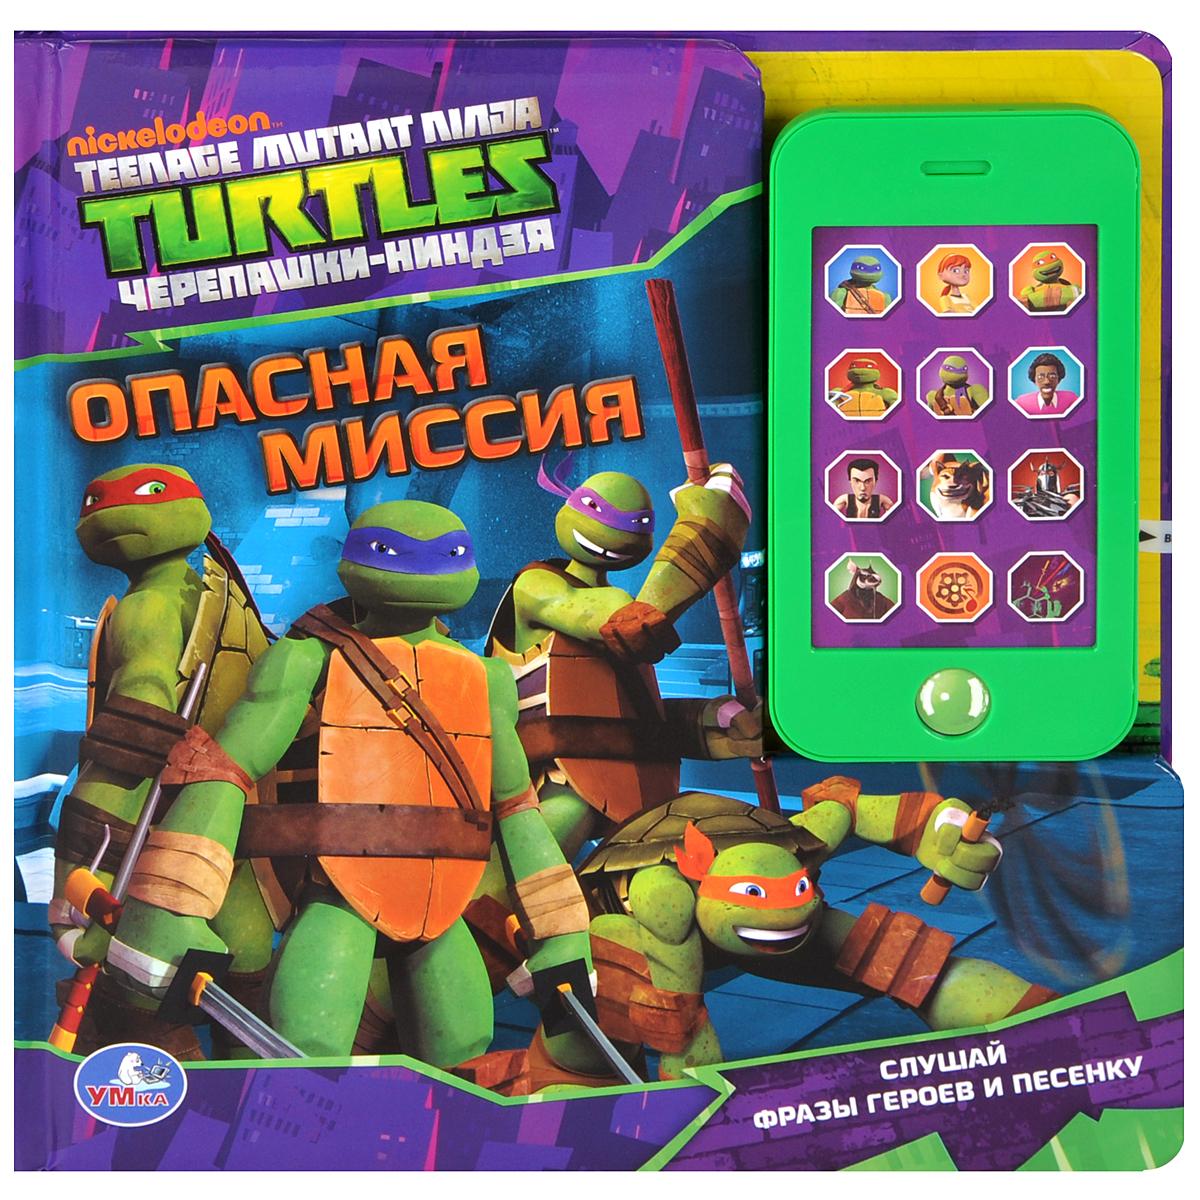 Черепашки-Ниндзя. Опасная миссия. Книжка-игрушка умка книжка с телефоном черепашки ниндзя опасная миссия